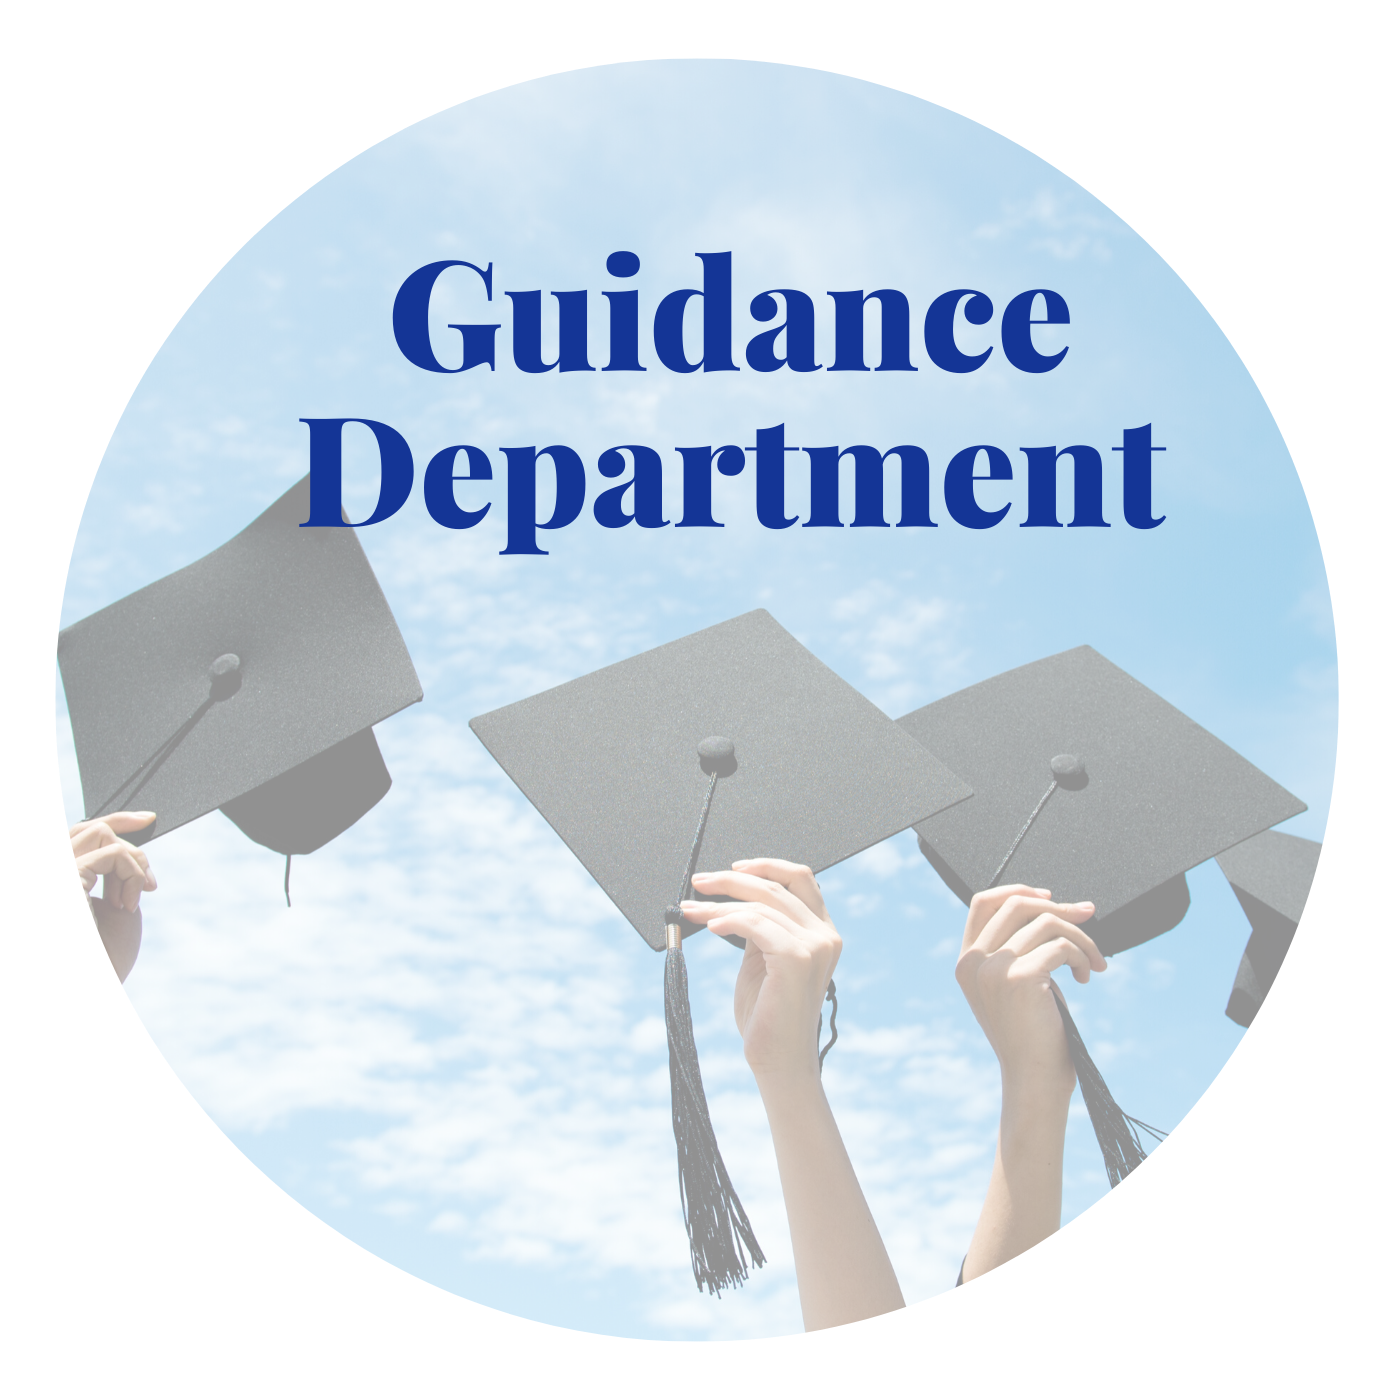 Guidance department